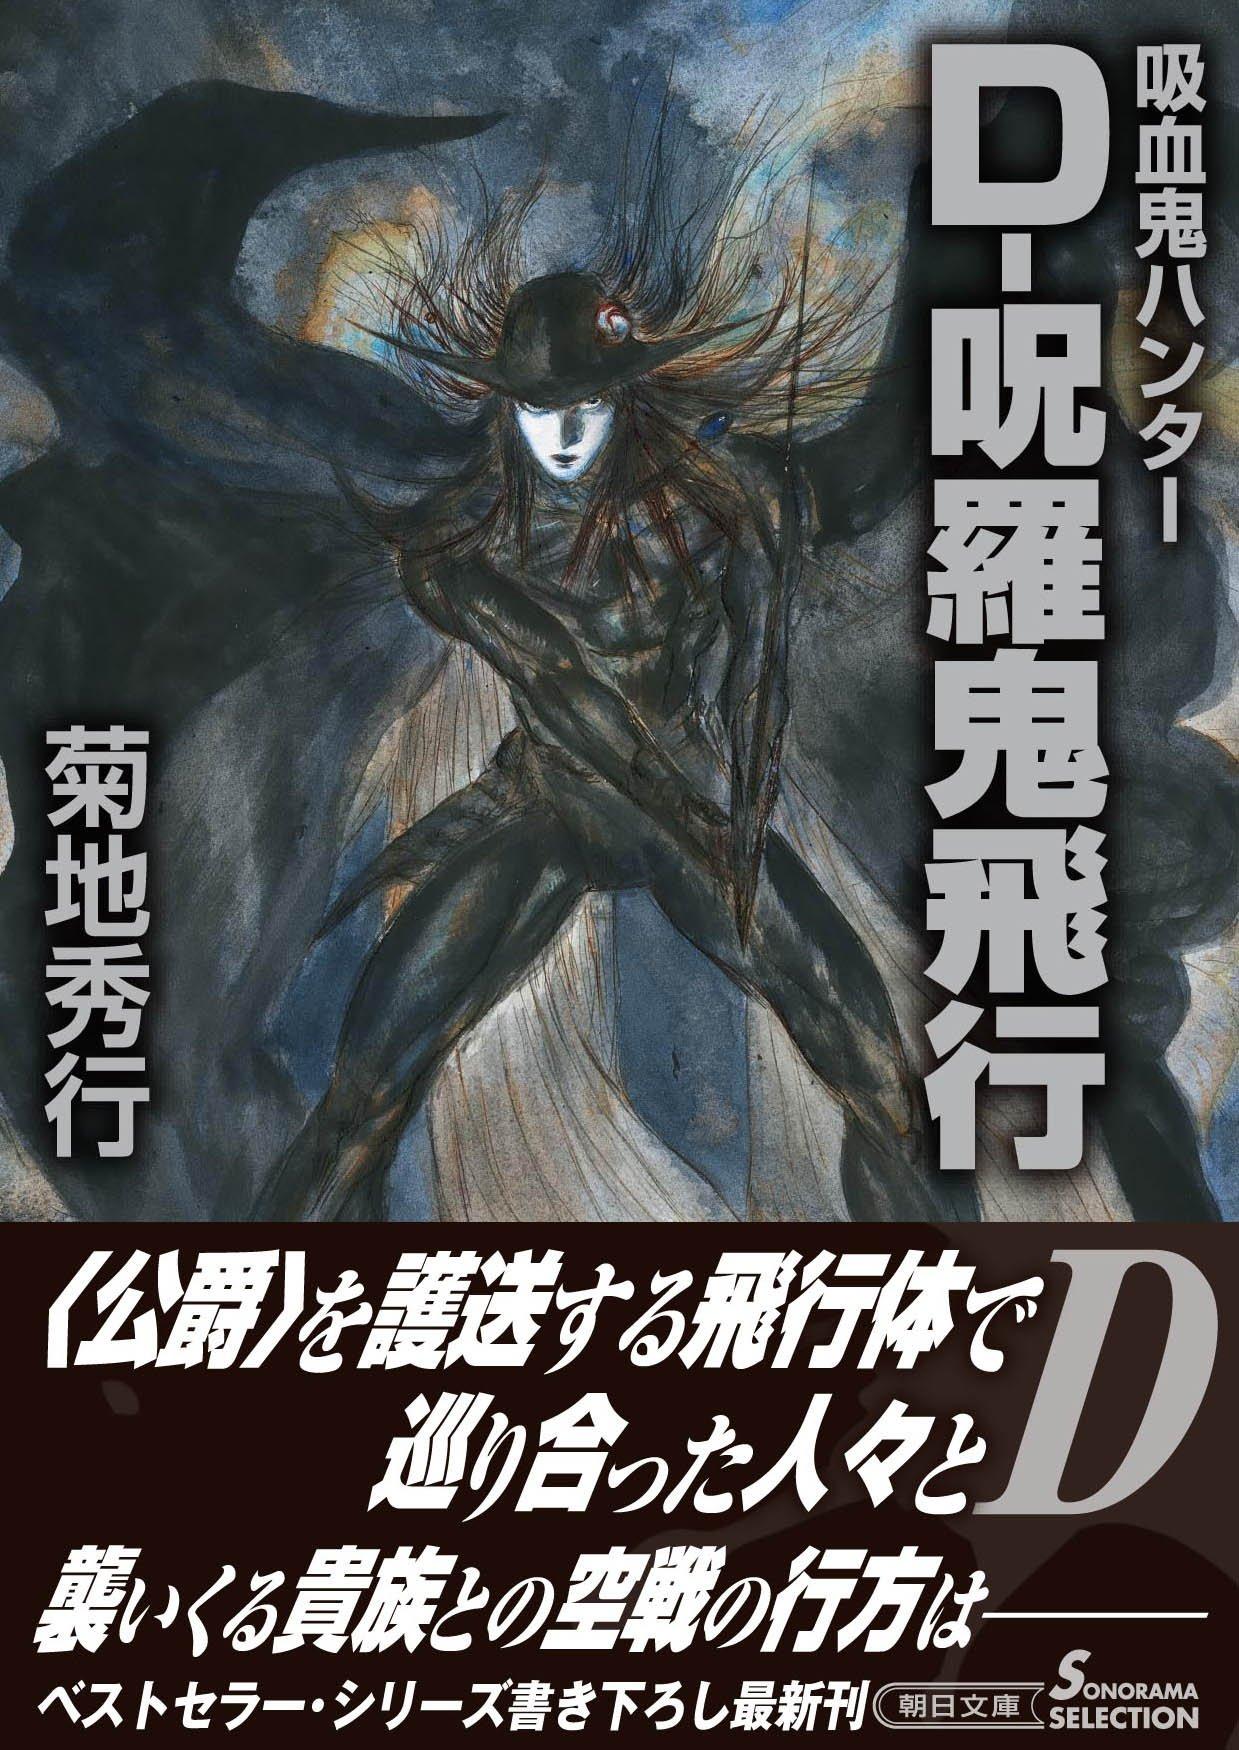 吸血鬼ハンター33 D-呪羅鬼飛行